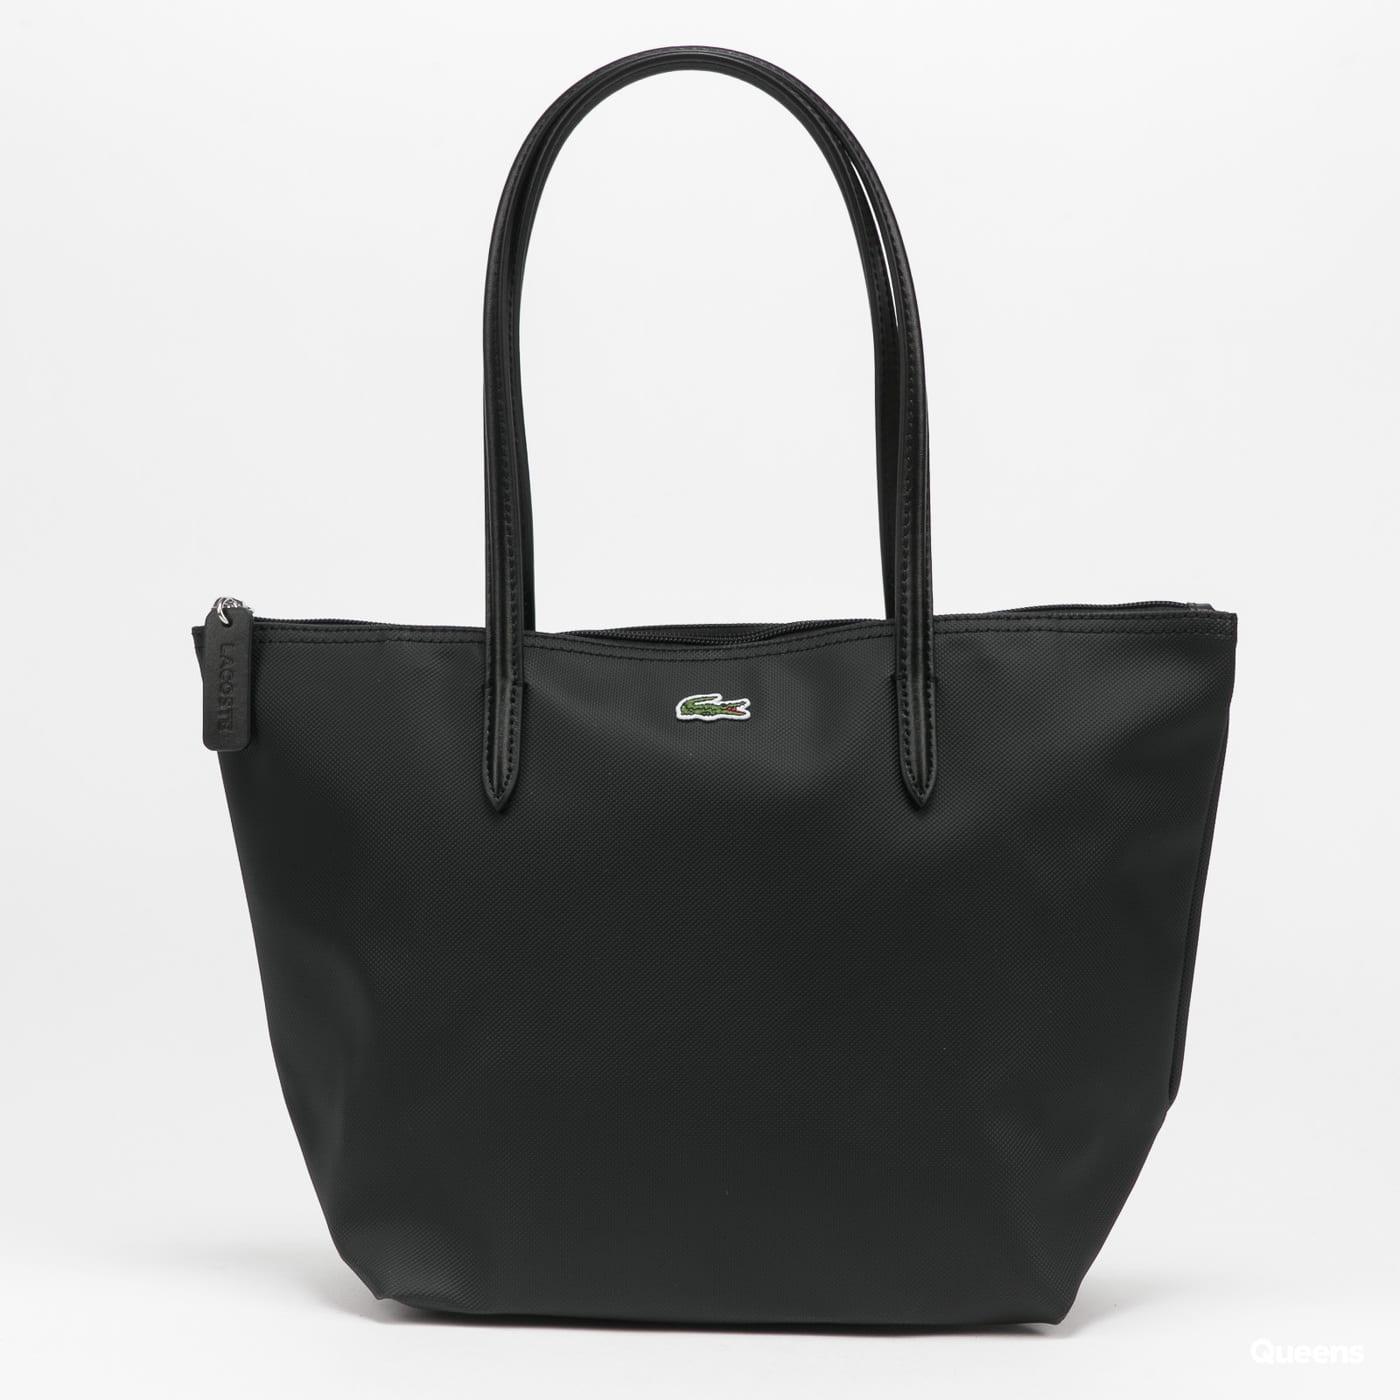 LACOSTE Women's Concept Small Zip Tote Bag schwarz